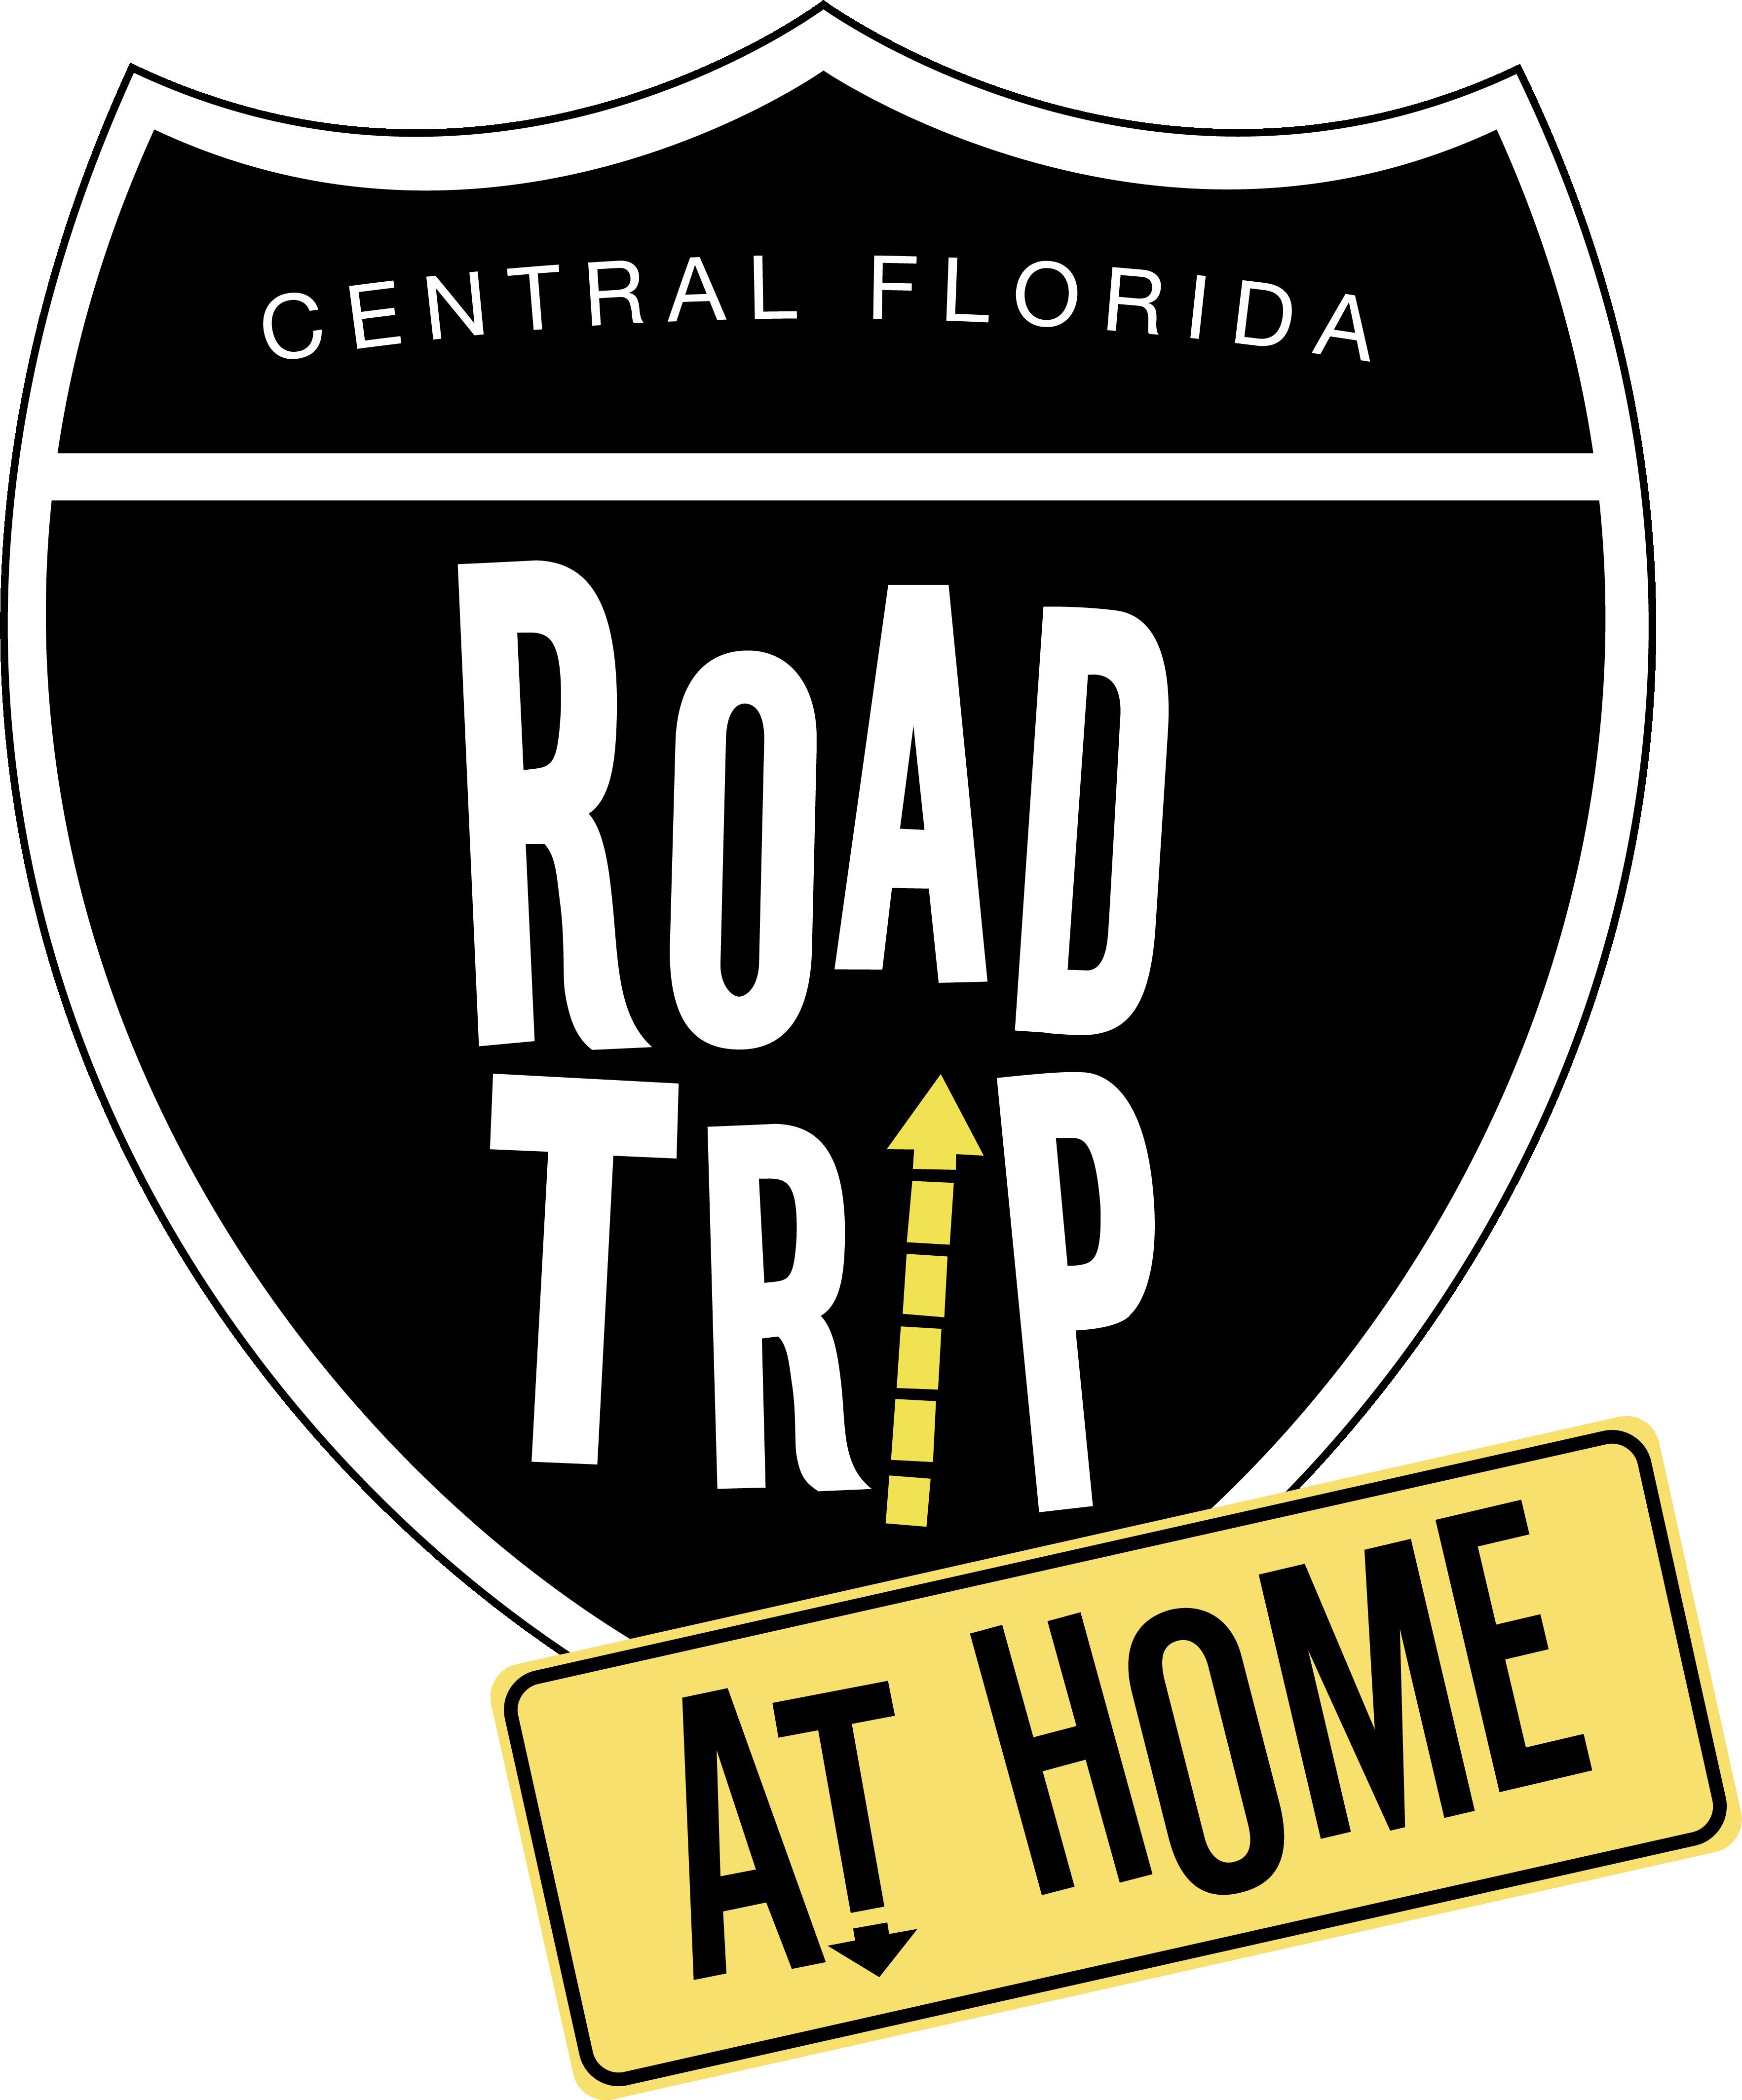 Wucf Central Florida Roadtrip